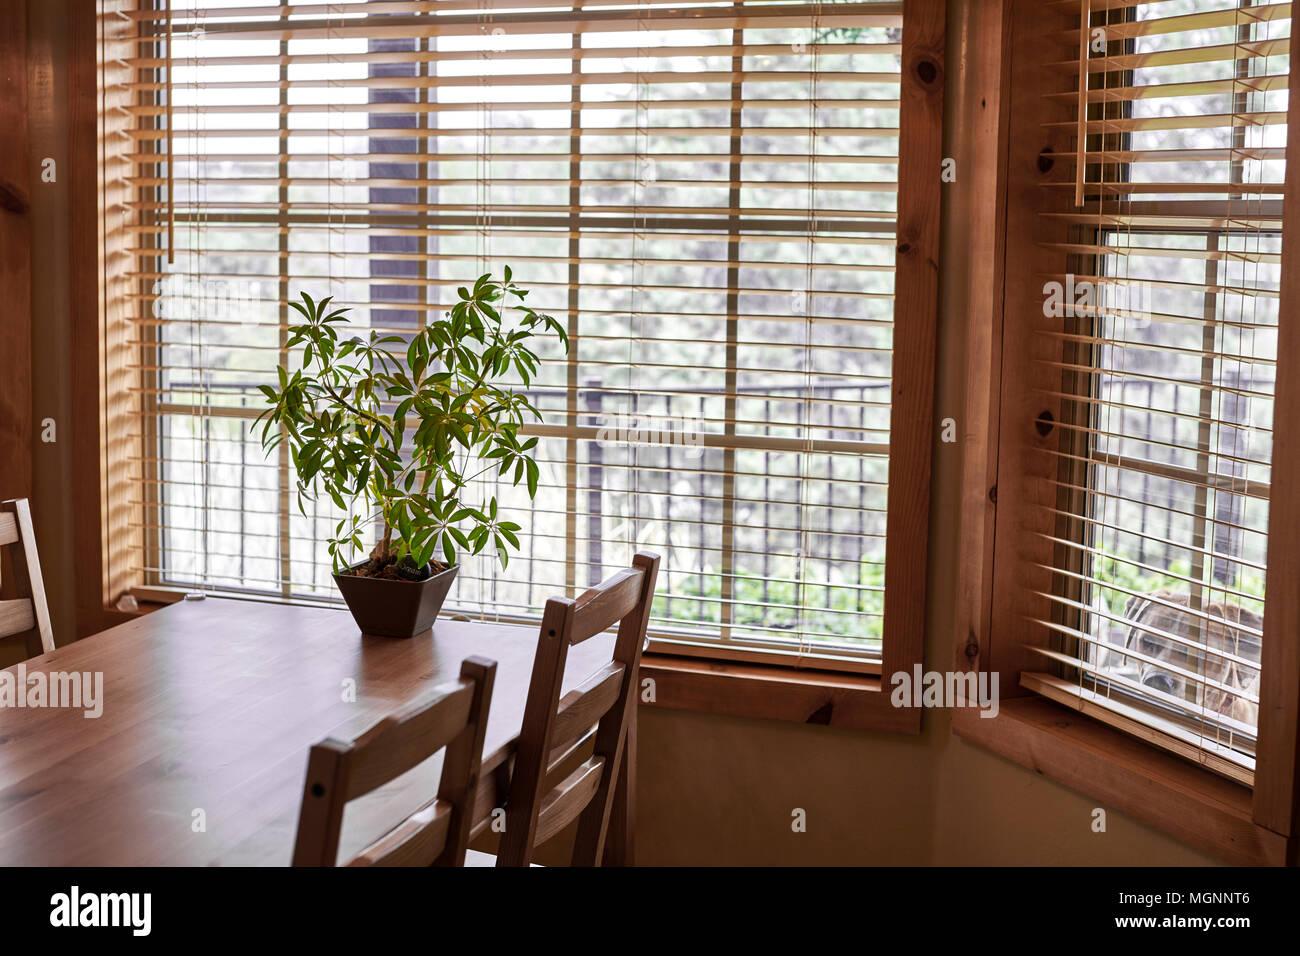 Une table et chaises de cuisine en bois près d'une fenêtre avec une plante en pot et un chien à la recherche dans la fenêtre latérale Photo Stock